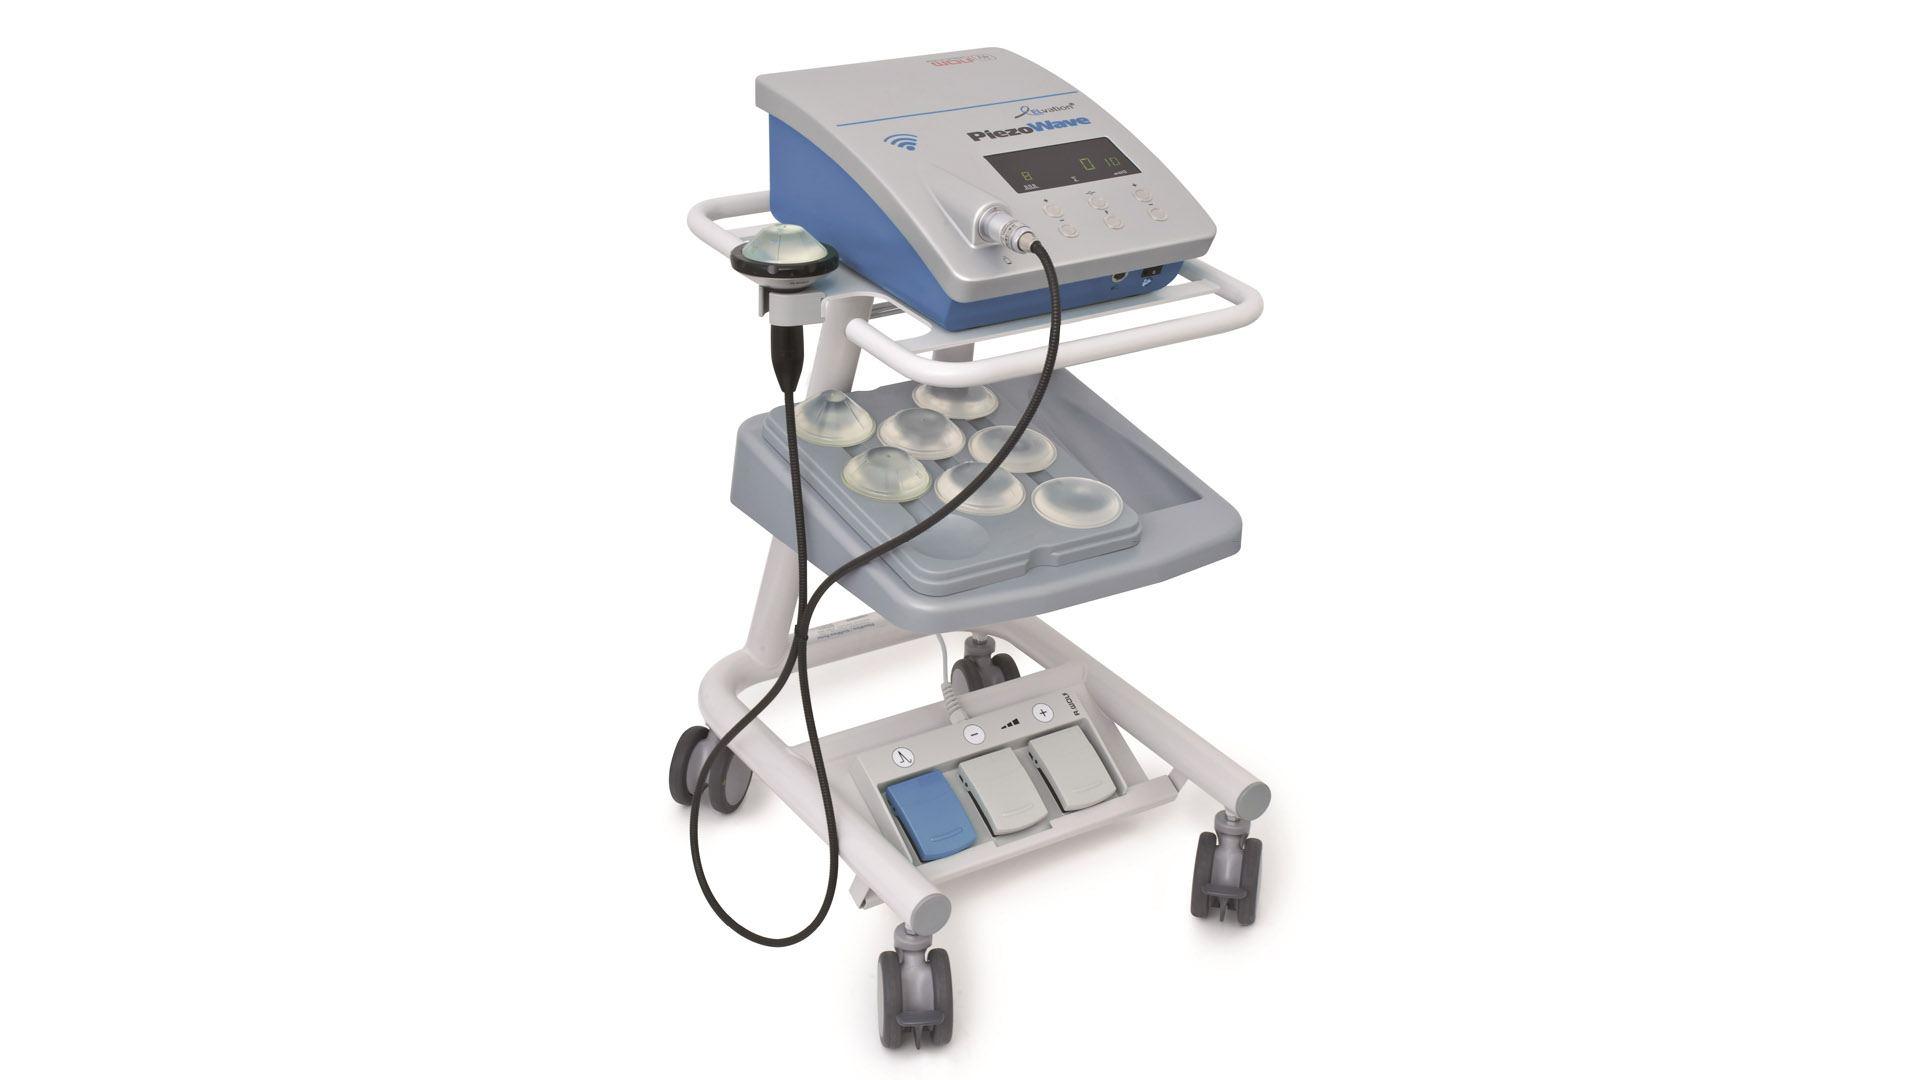 Chokbølge-behandling kiropraktor københavn, shockwave behandling kronisk, shockwave-behandling københavn, shockwave hælspore